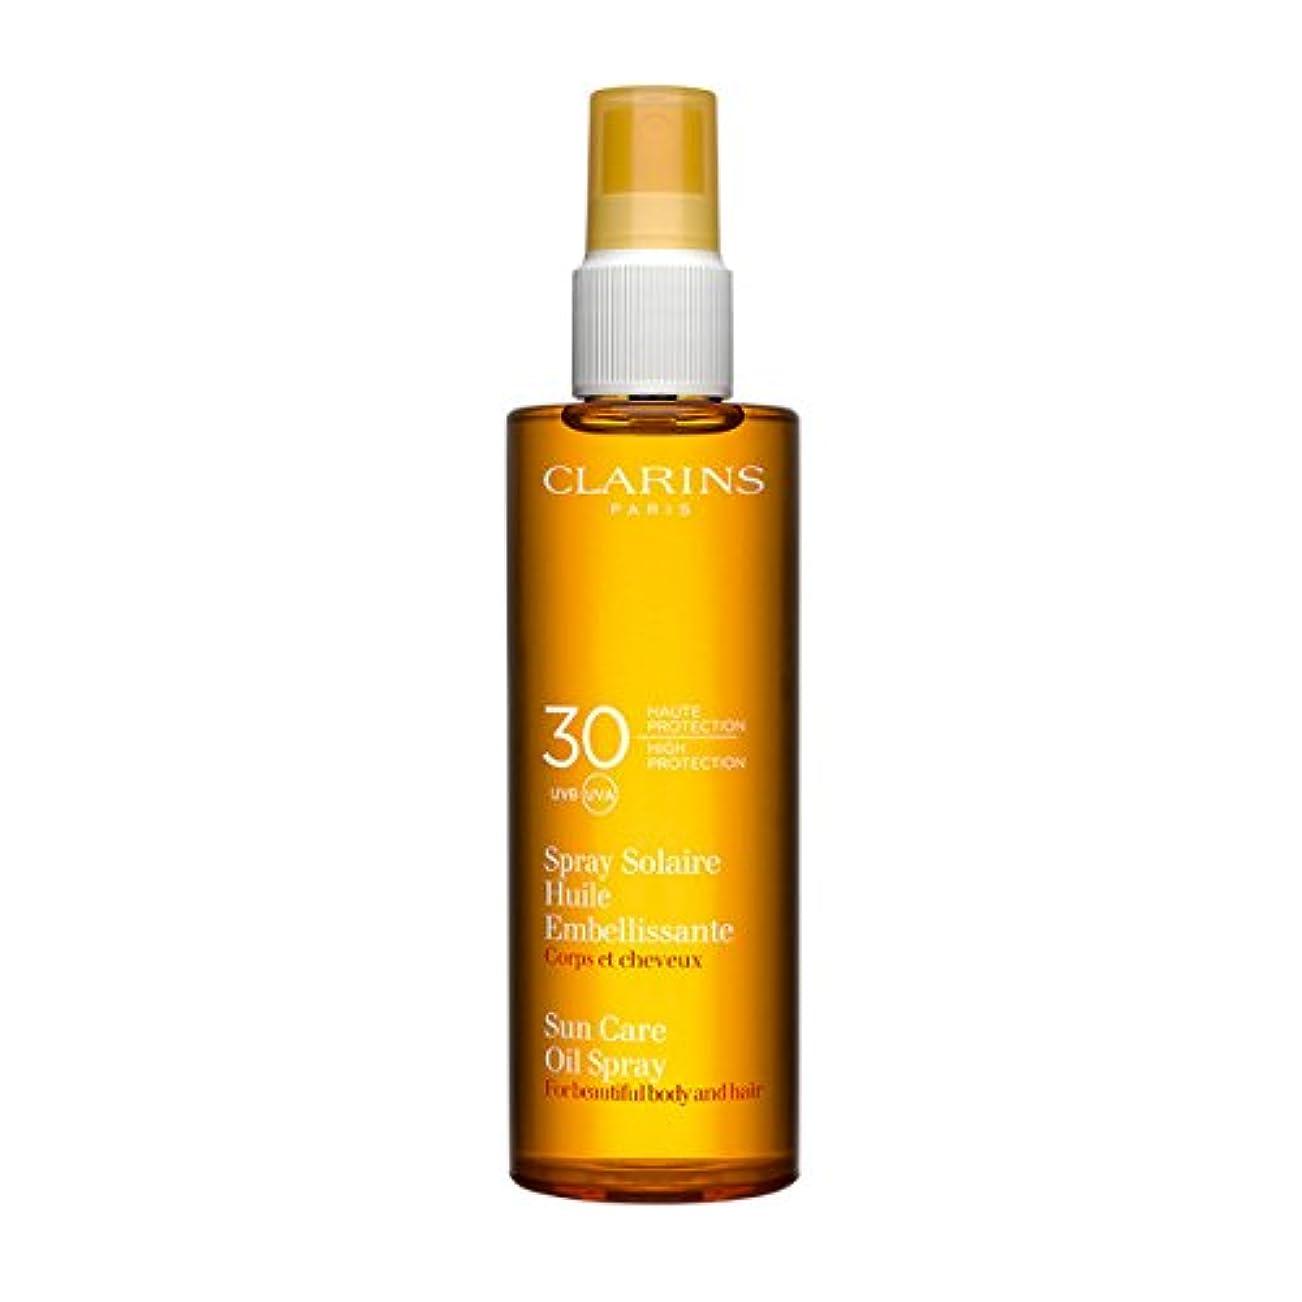 害グレートオークテストClarins Sun Care Oil Spray For Beautiful Body and Hair Spf30 150ml [並行輸入品]